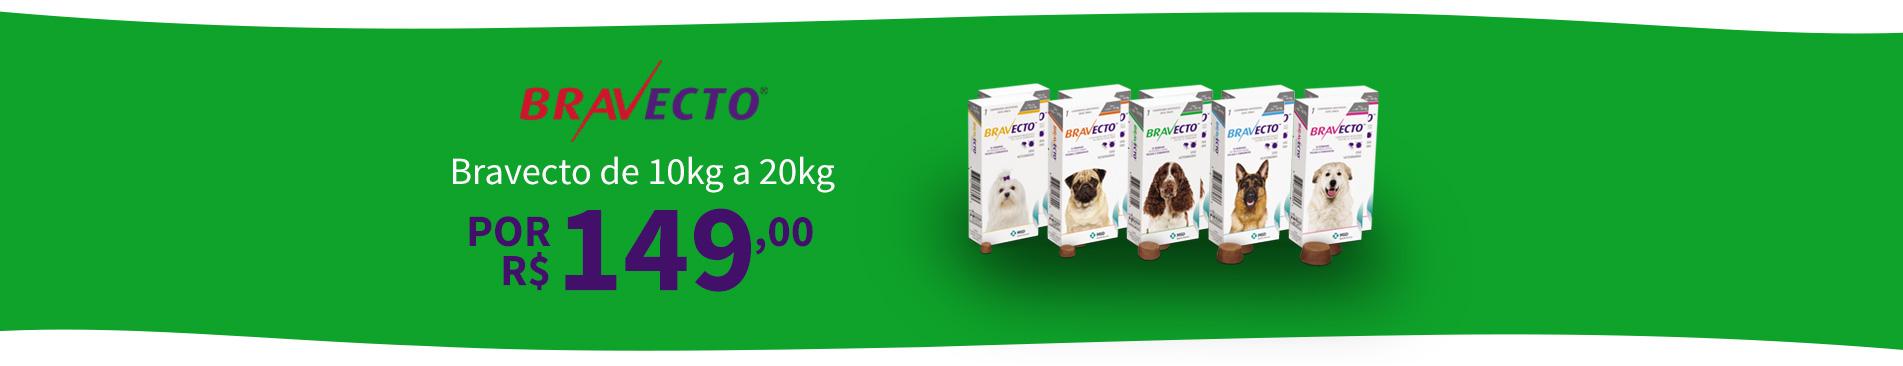 Bravecto de 10kg a 20kg por R$149